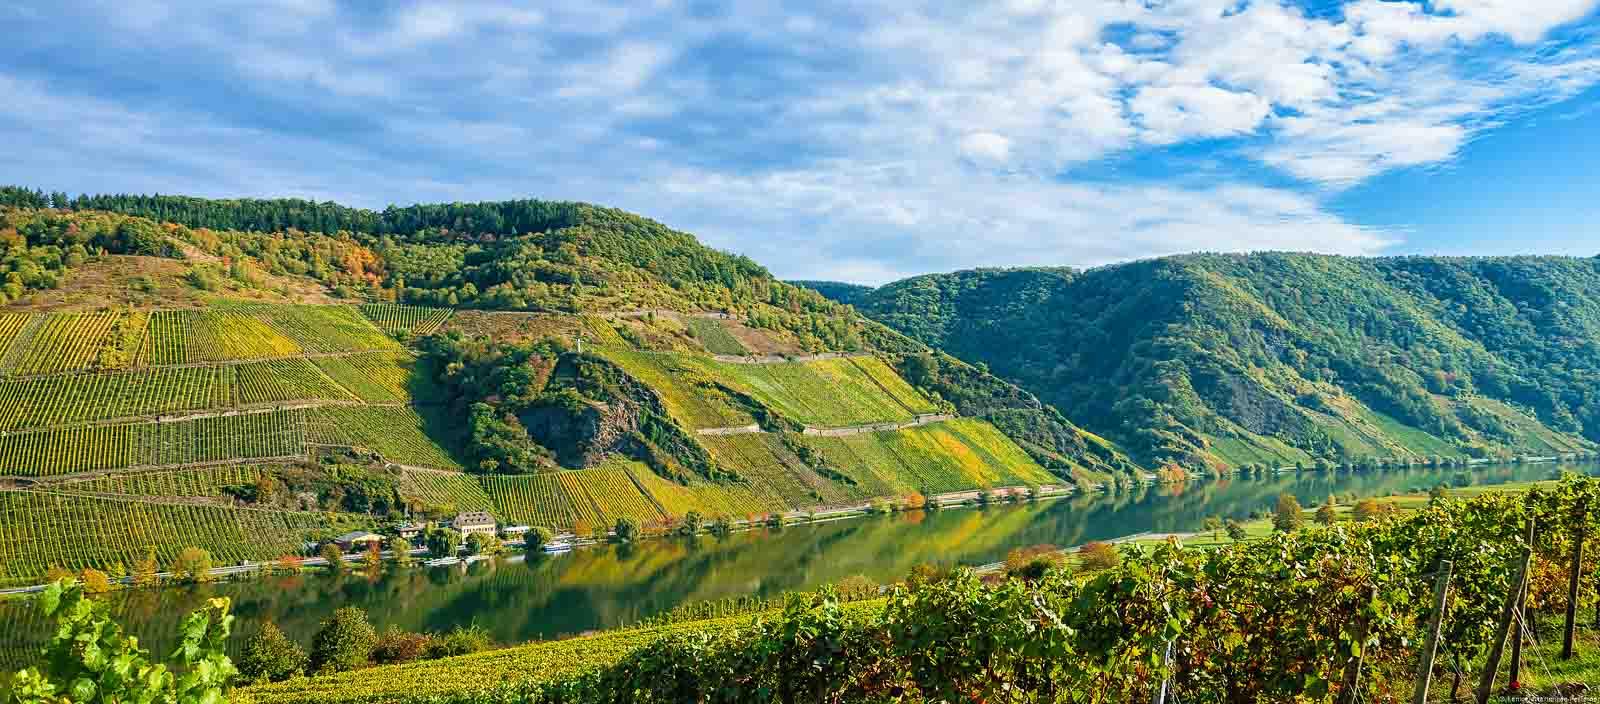 Im Moseltal fließt der Fluss. Überall sind die bunten herbstlichen Weinberge des Wintricher Ohligsberg erkennbar.